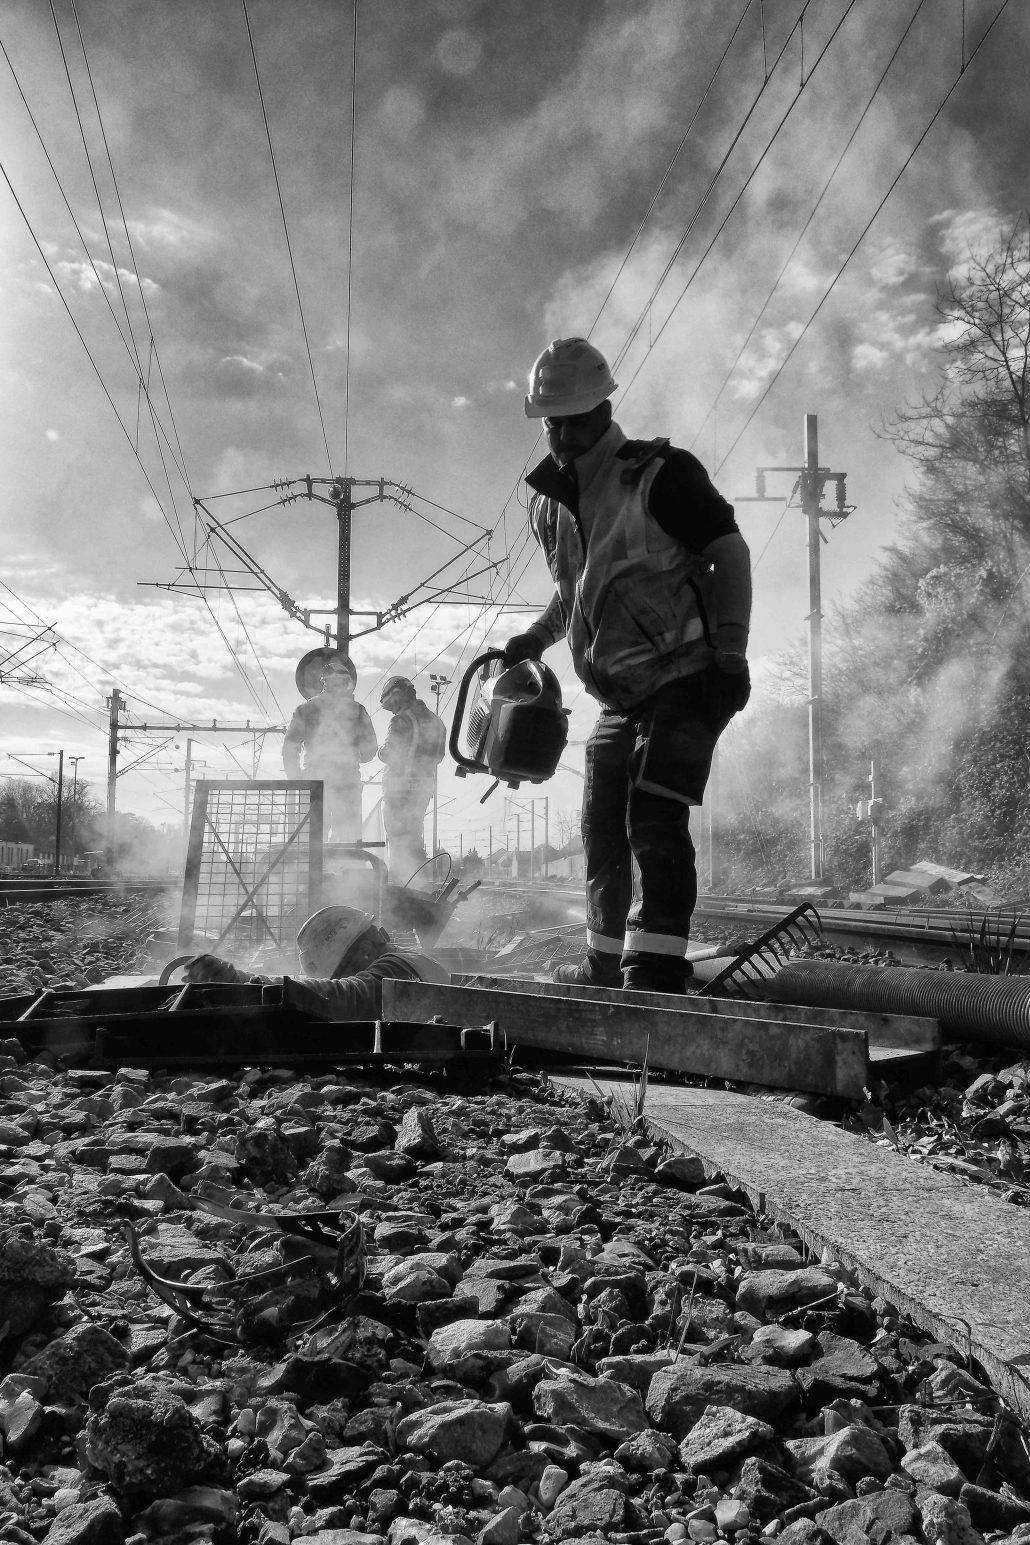 Worker railroad